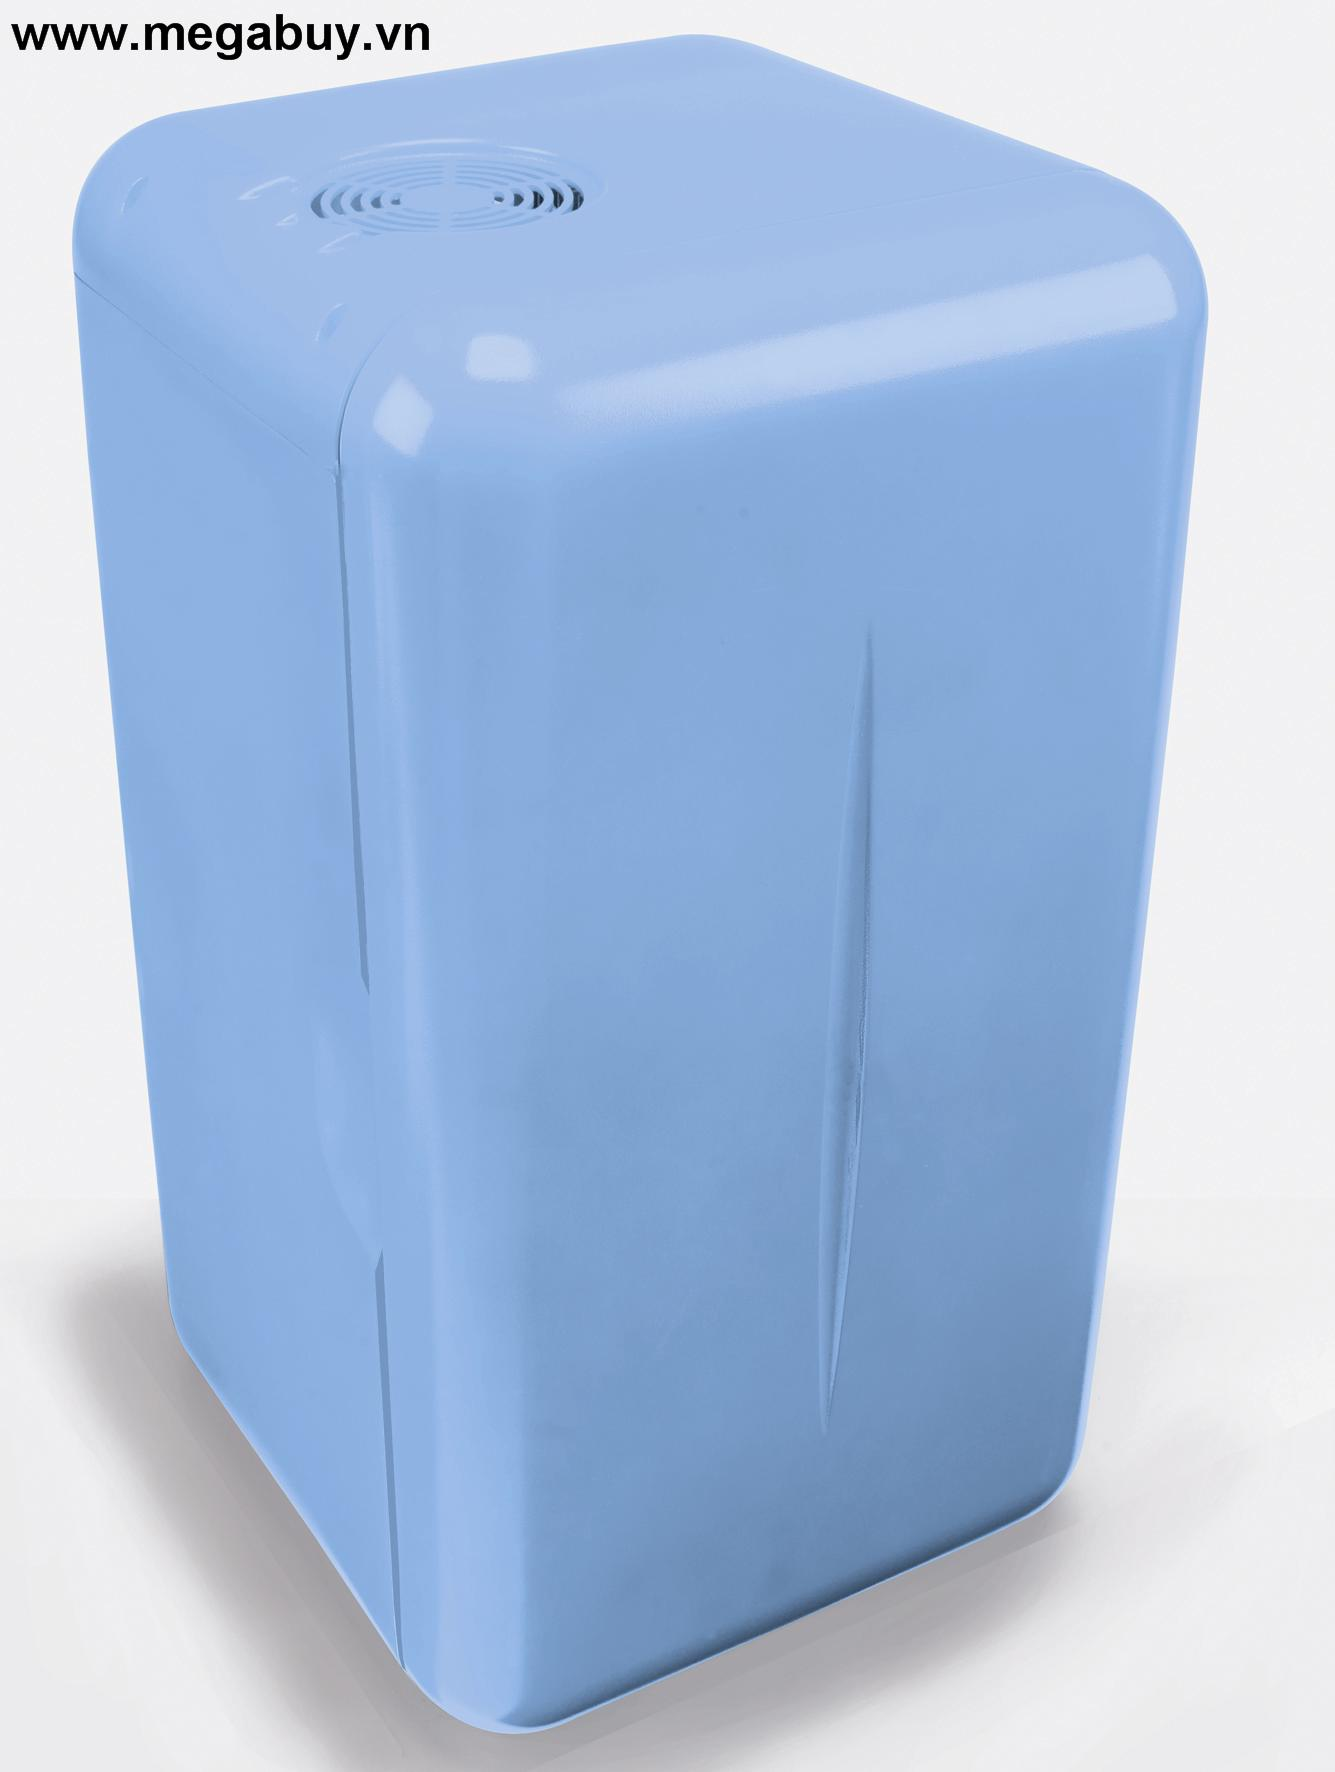 Tủ lạnh di động mini Mobicool F16 AC Dark blue